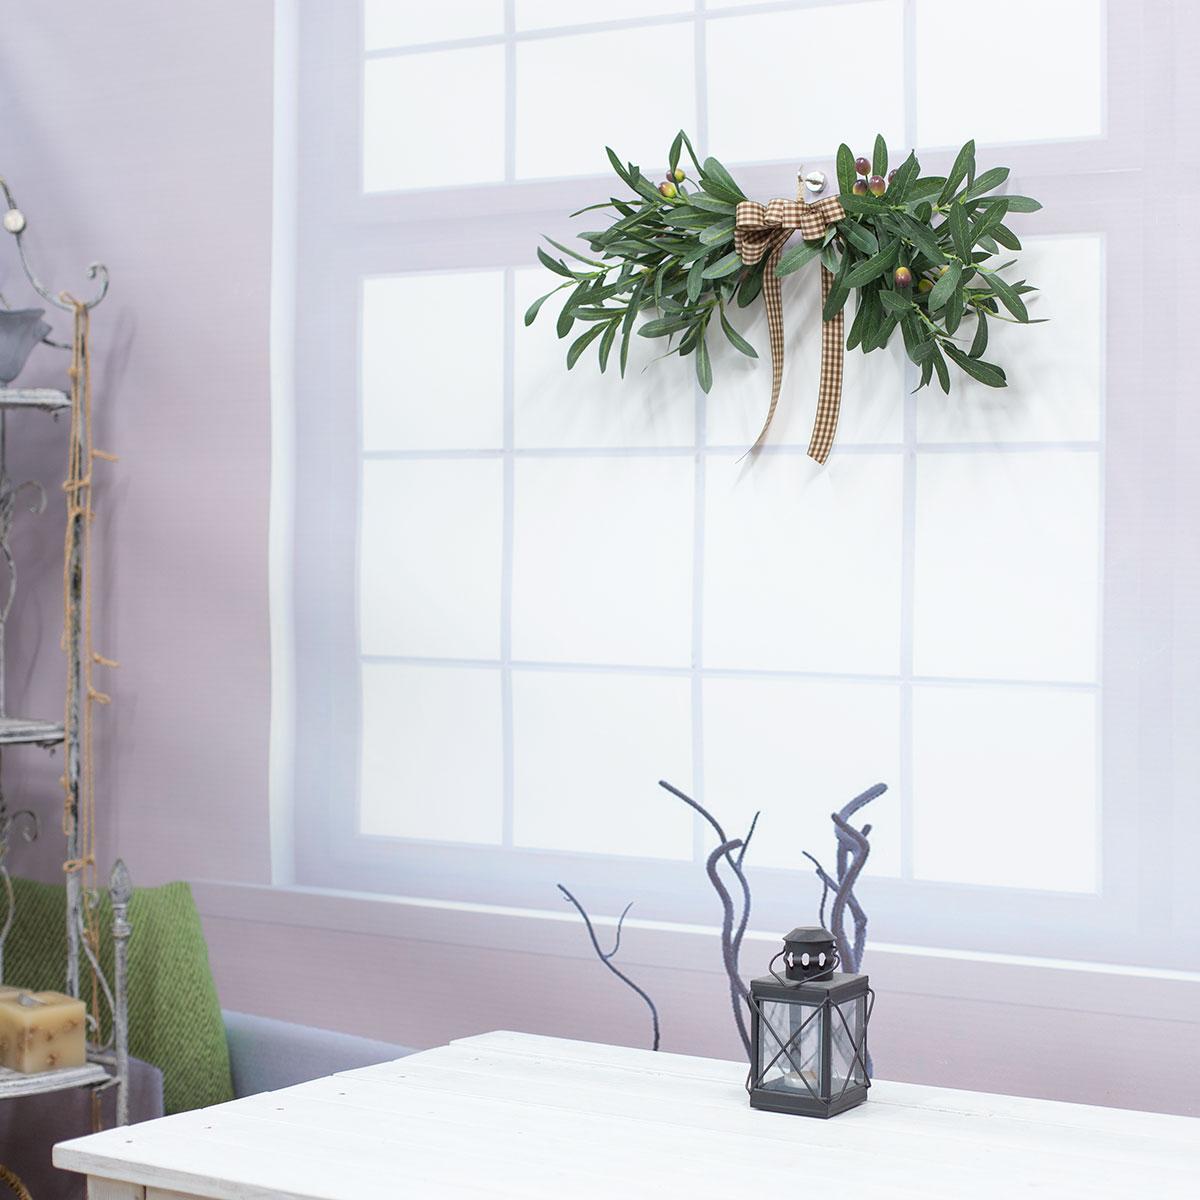 네추럴 올리브 스웨그 창문 벽장식 이미지